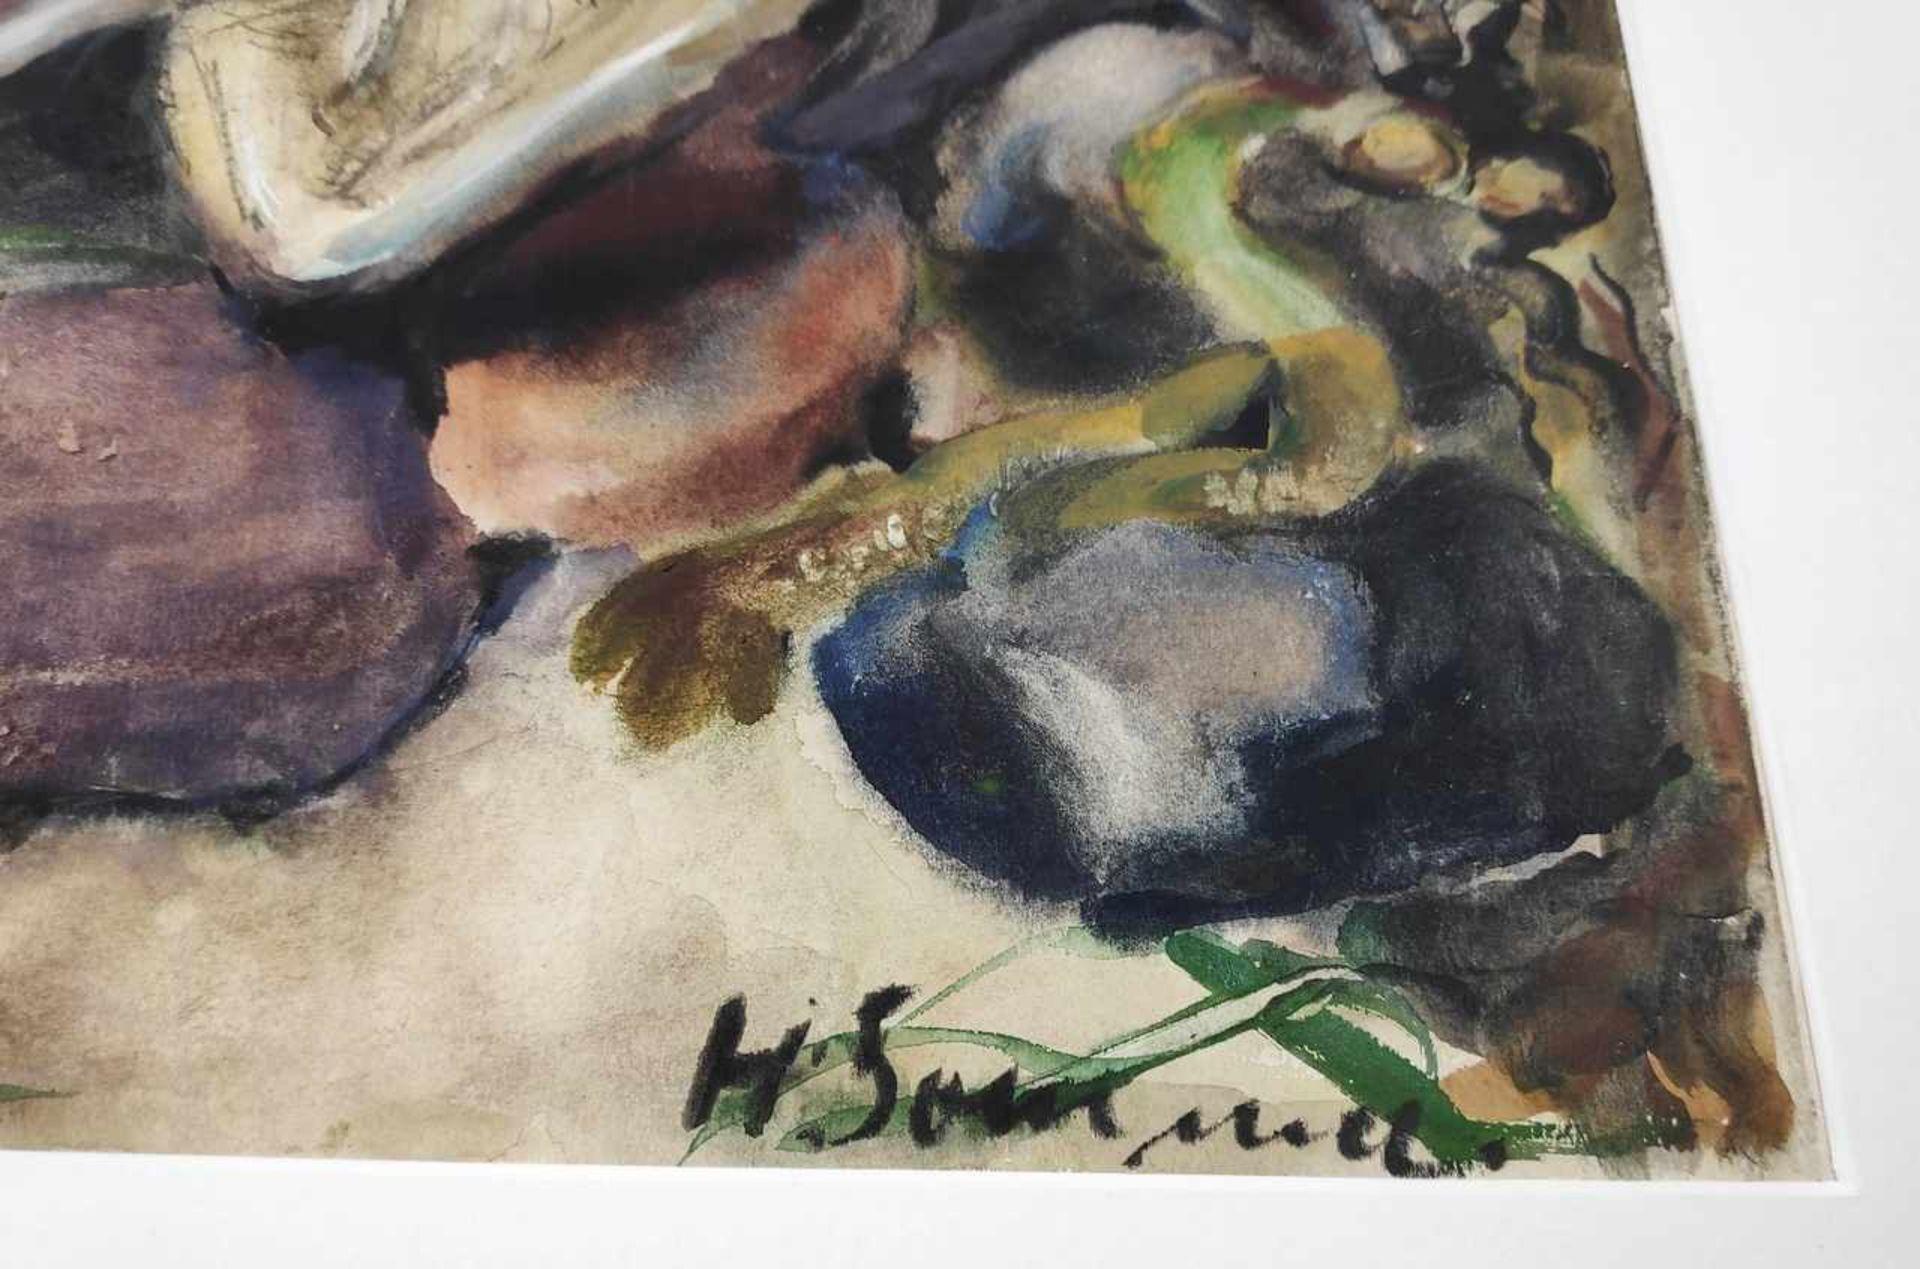 Holtz-Sommer, Hedwig (1901 Berlin - 1970 Wustrow) - Bild 3 aus 8